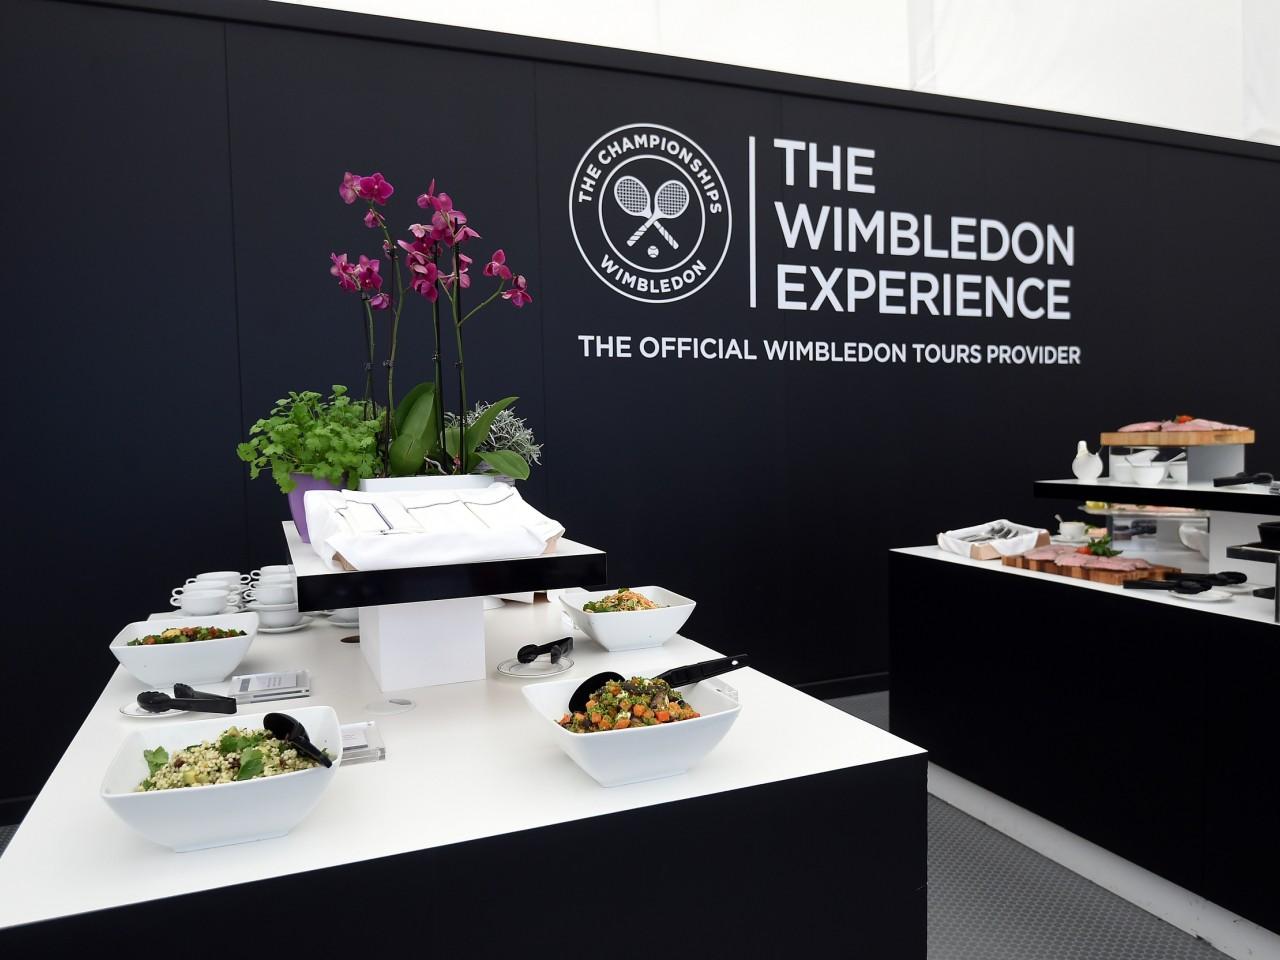 Wimbledon, The Championships 2018